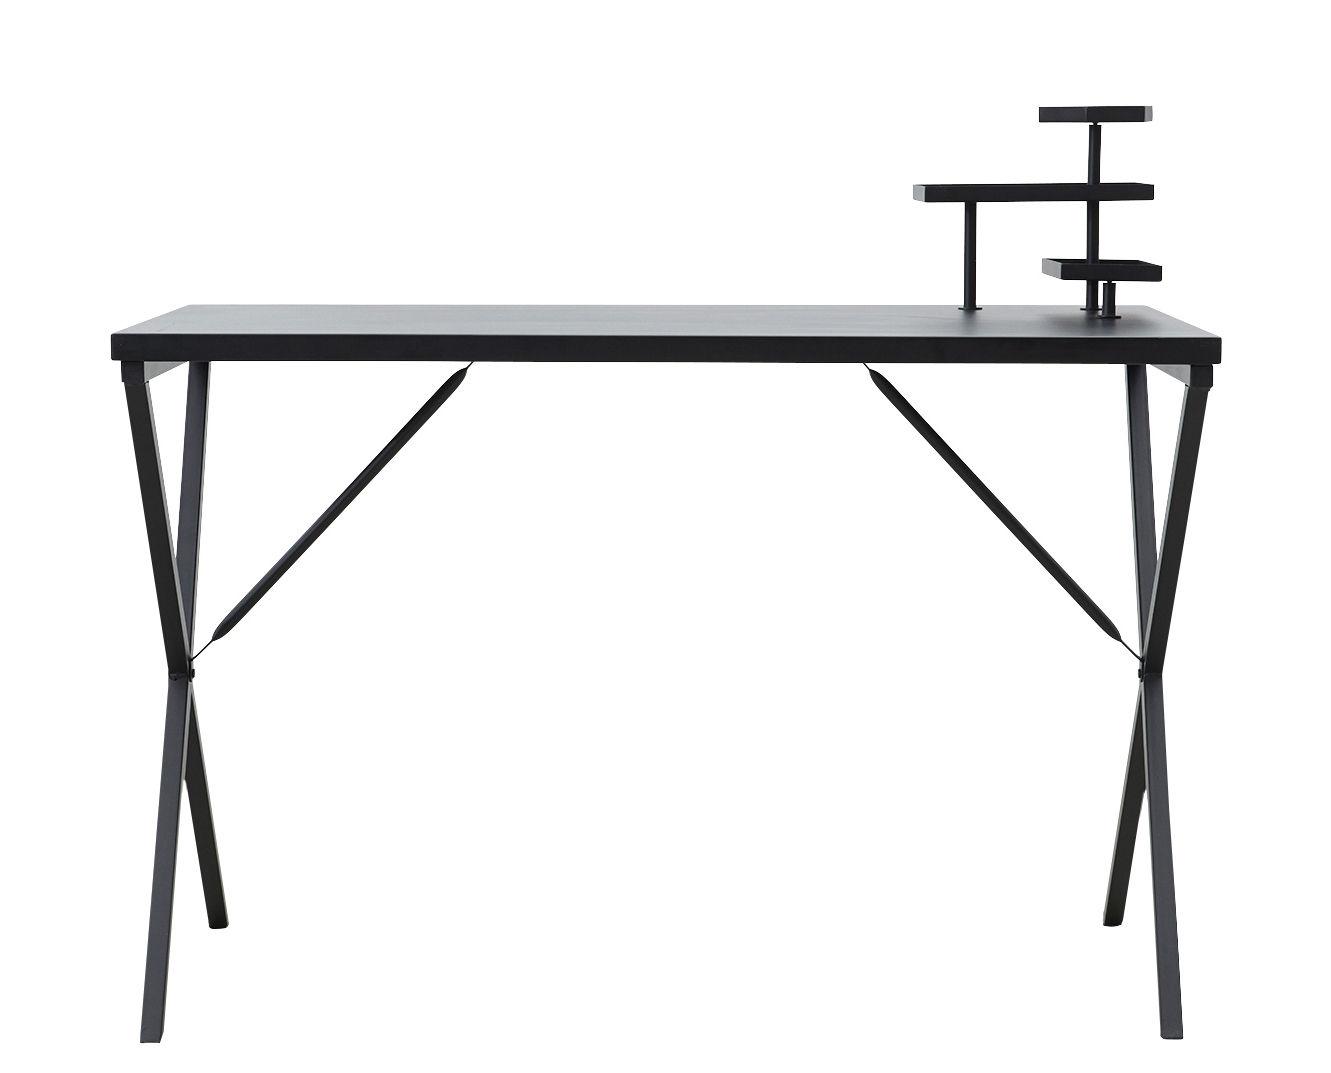 Tray Schreibtisch Metall L 120 Cm Schwarz By House Doctor